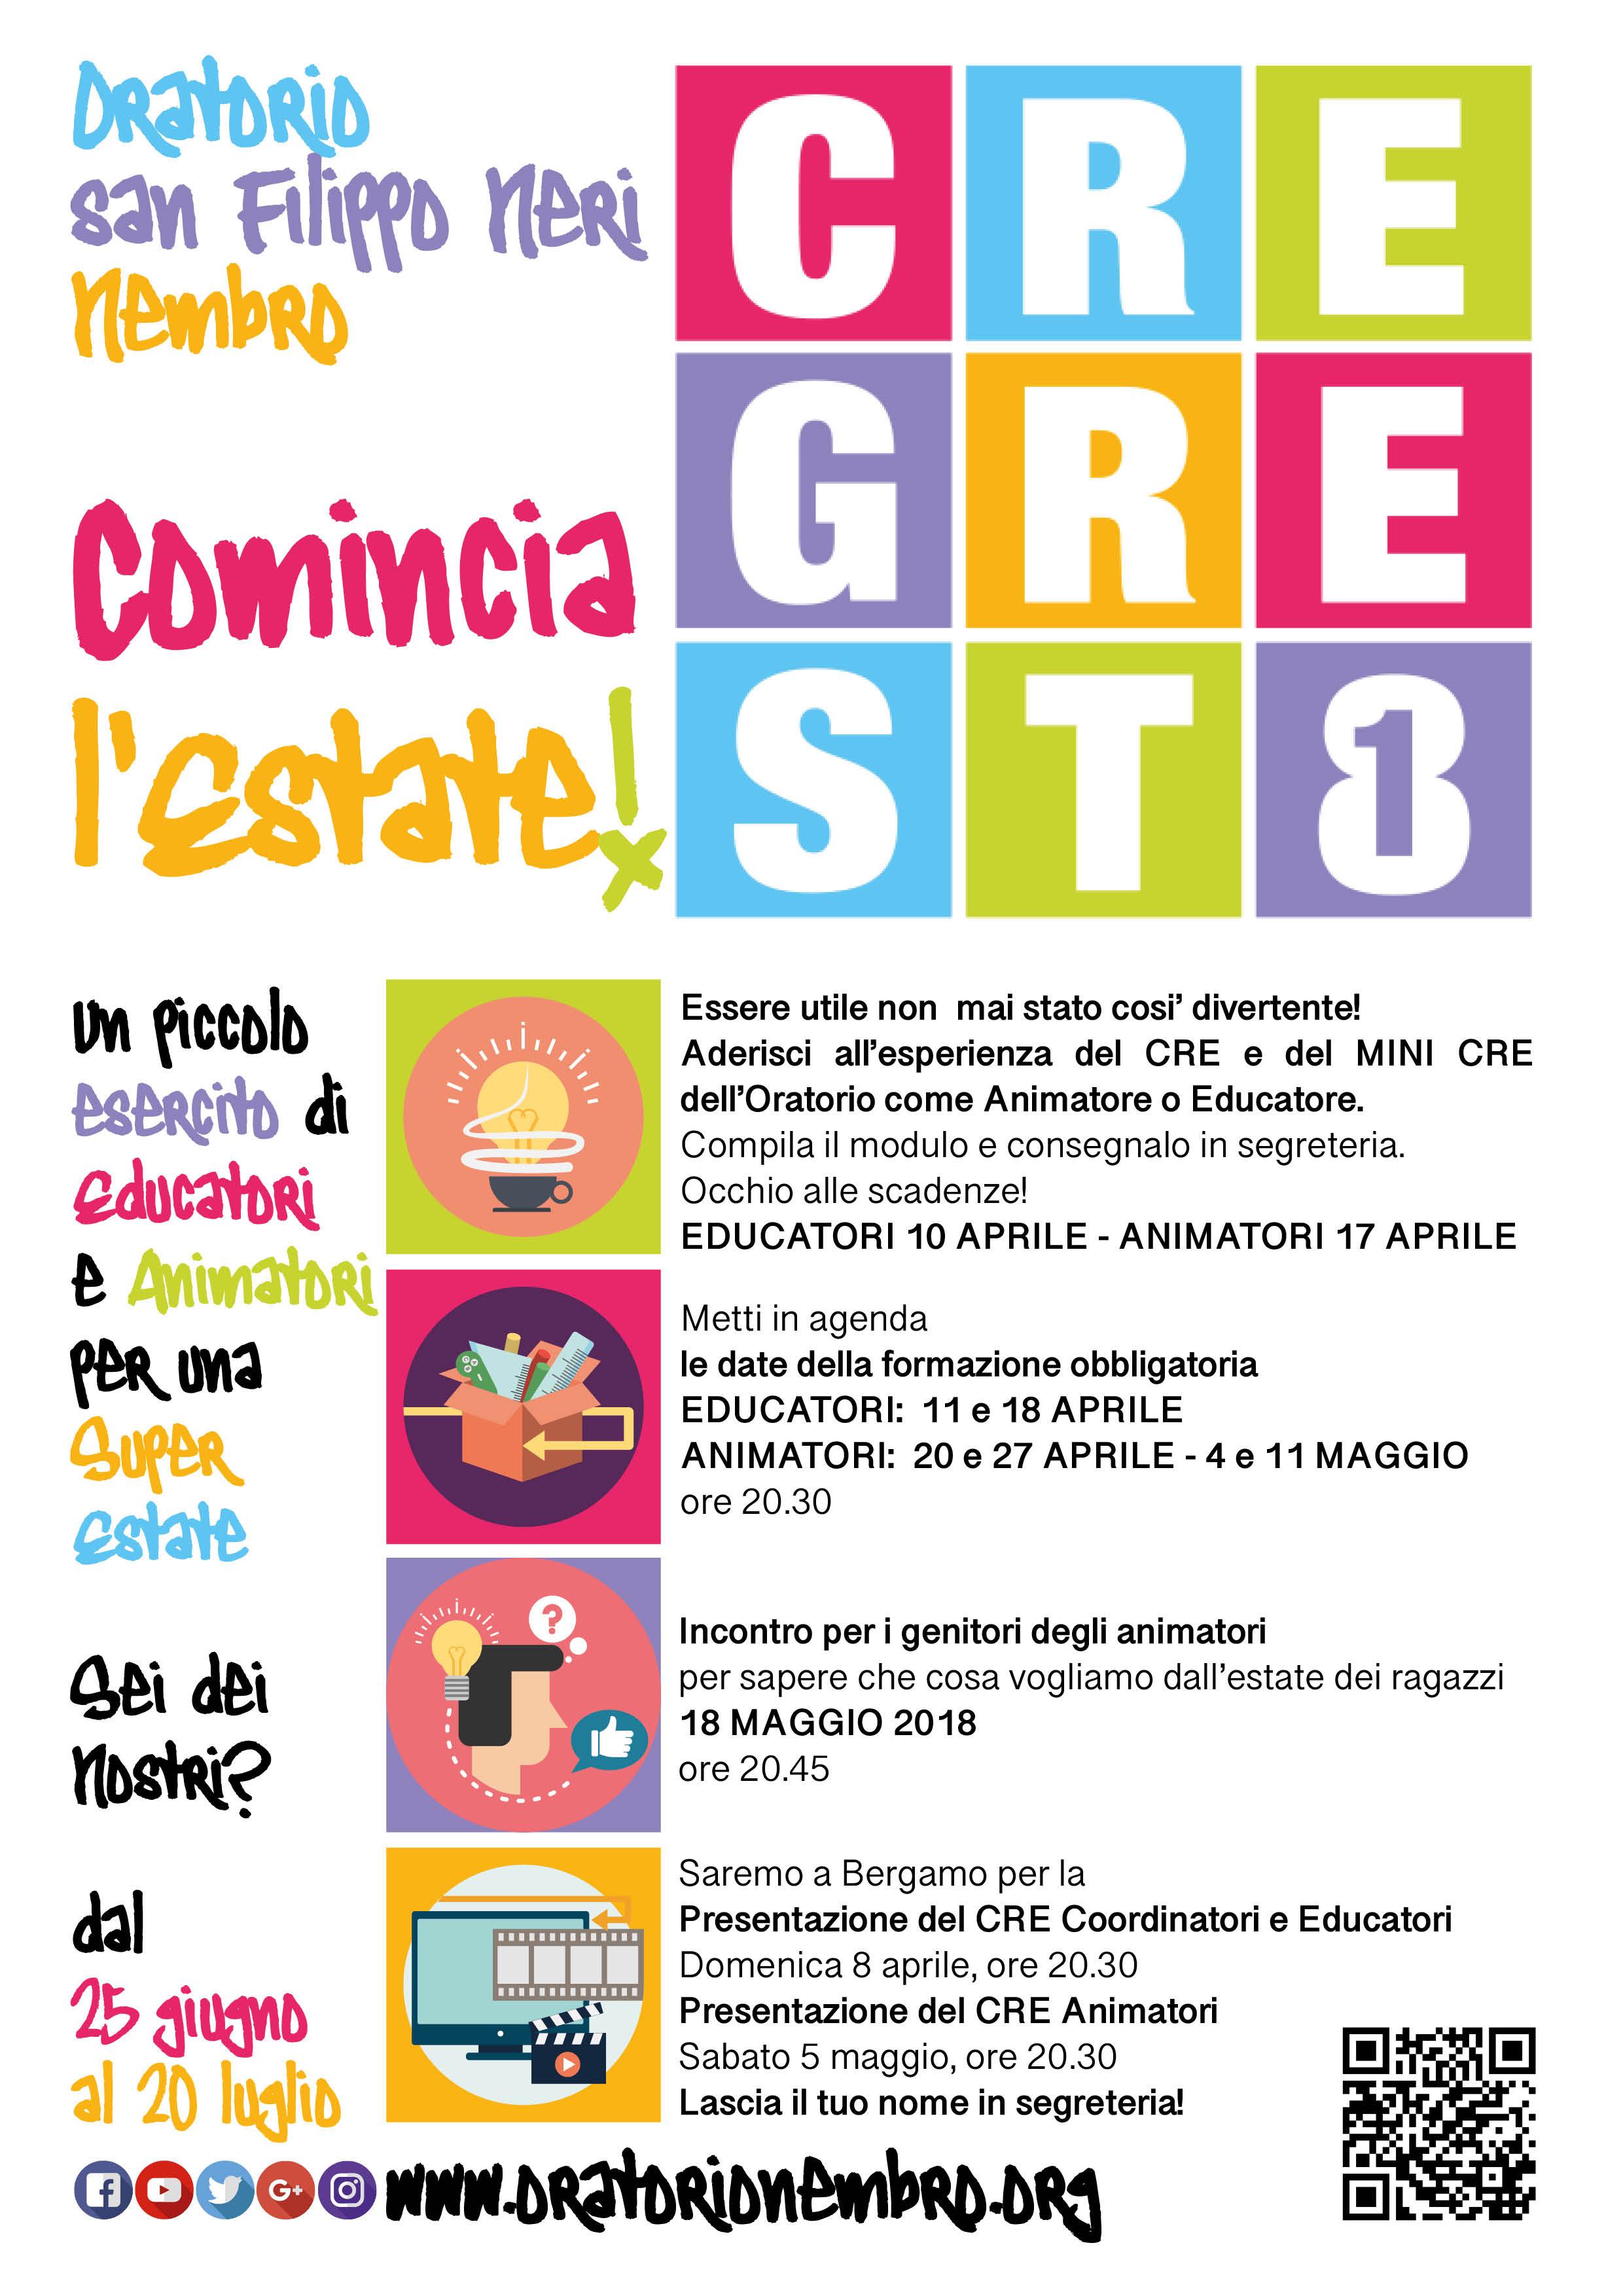 CRE 2018 - Si cominicia